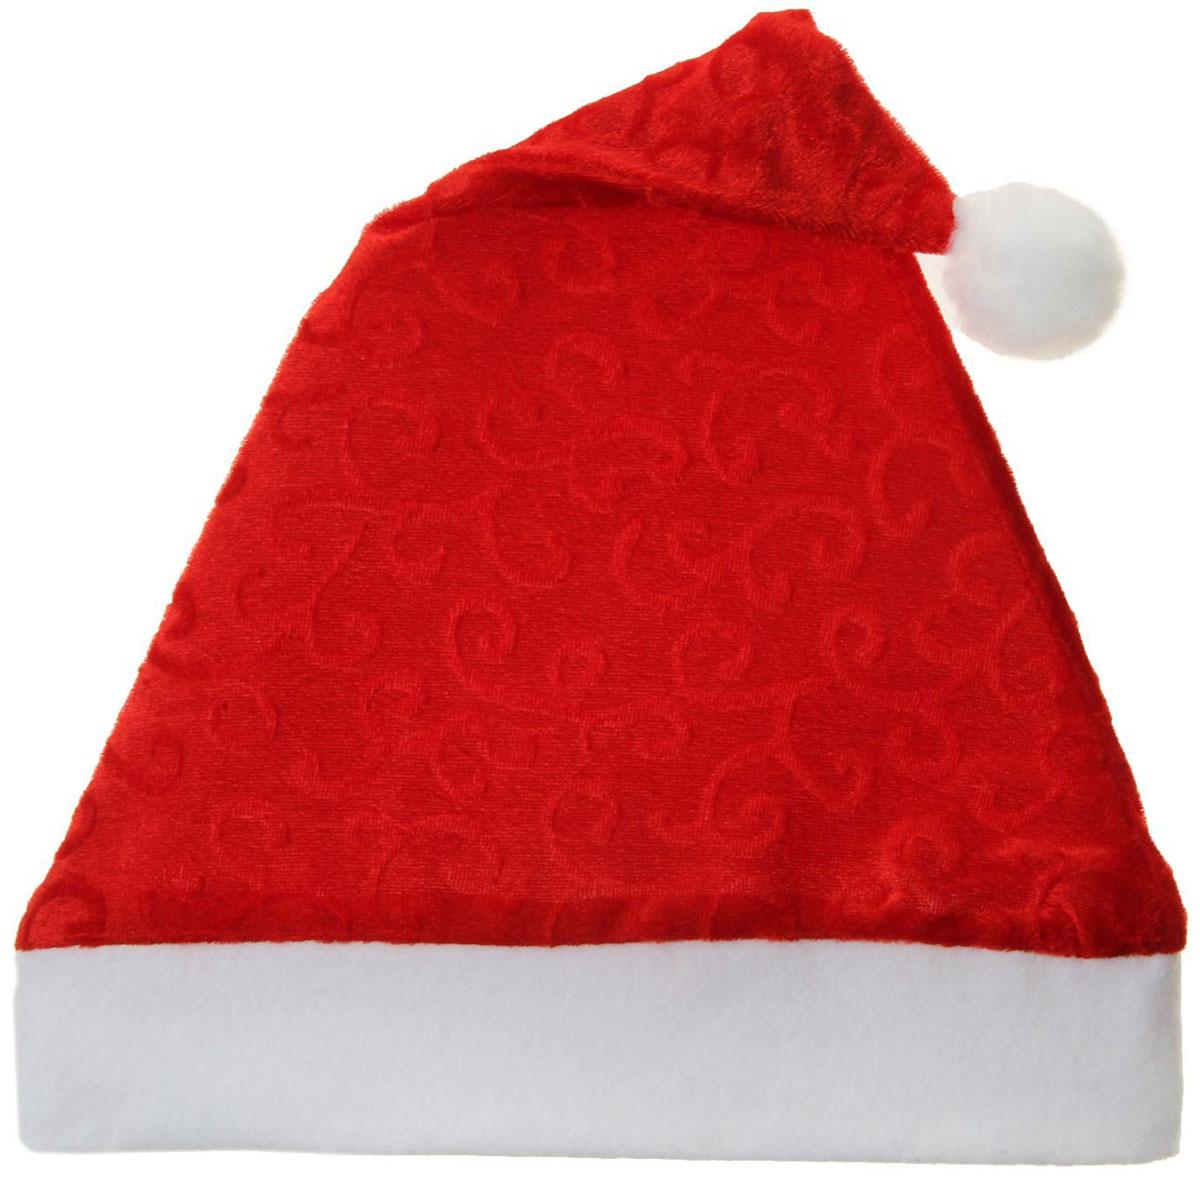 Колпак новогодний Вензеля, 28 х 38 см811376Поддайтесь новогоднему веселью на полную катушку! Забавный колпак в секунду создаст праздничное настроение, будь то поздравление ребятишек или вечеринка с друзьями. Размер изделия универсальный: аксессуар подойдет как для ребенка, так и для взрослого. А мягкий текстиль позволит носить колпак с комфортом на протяжении всей новогодней ночи.